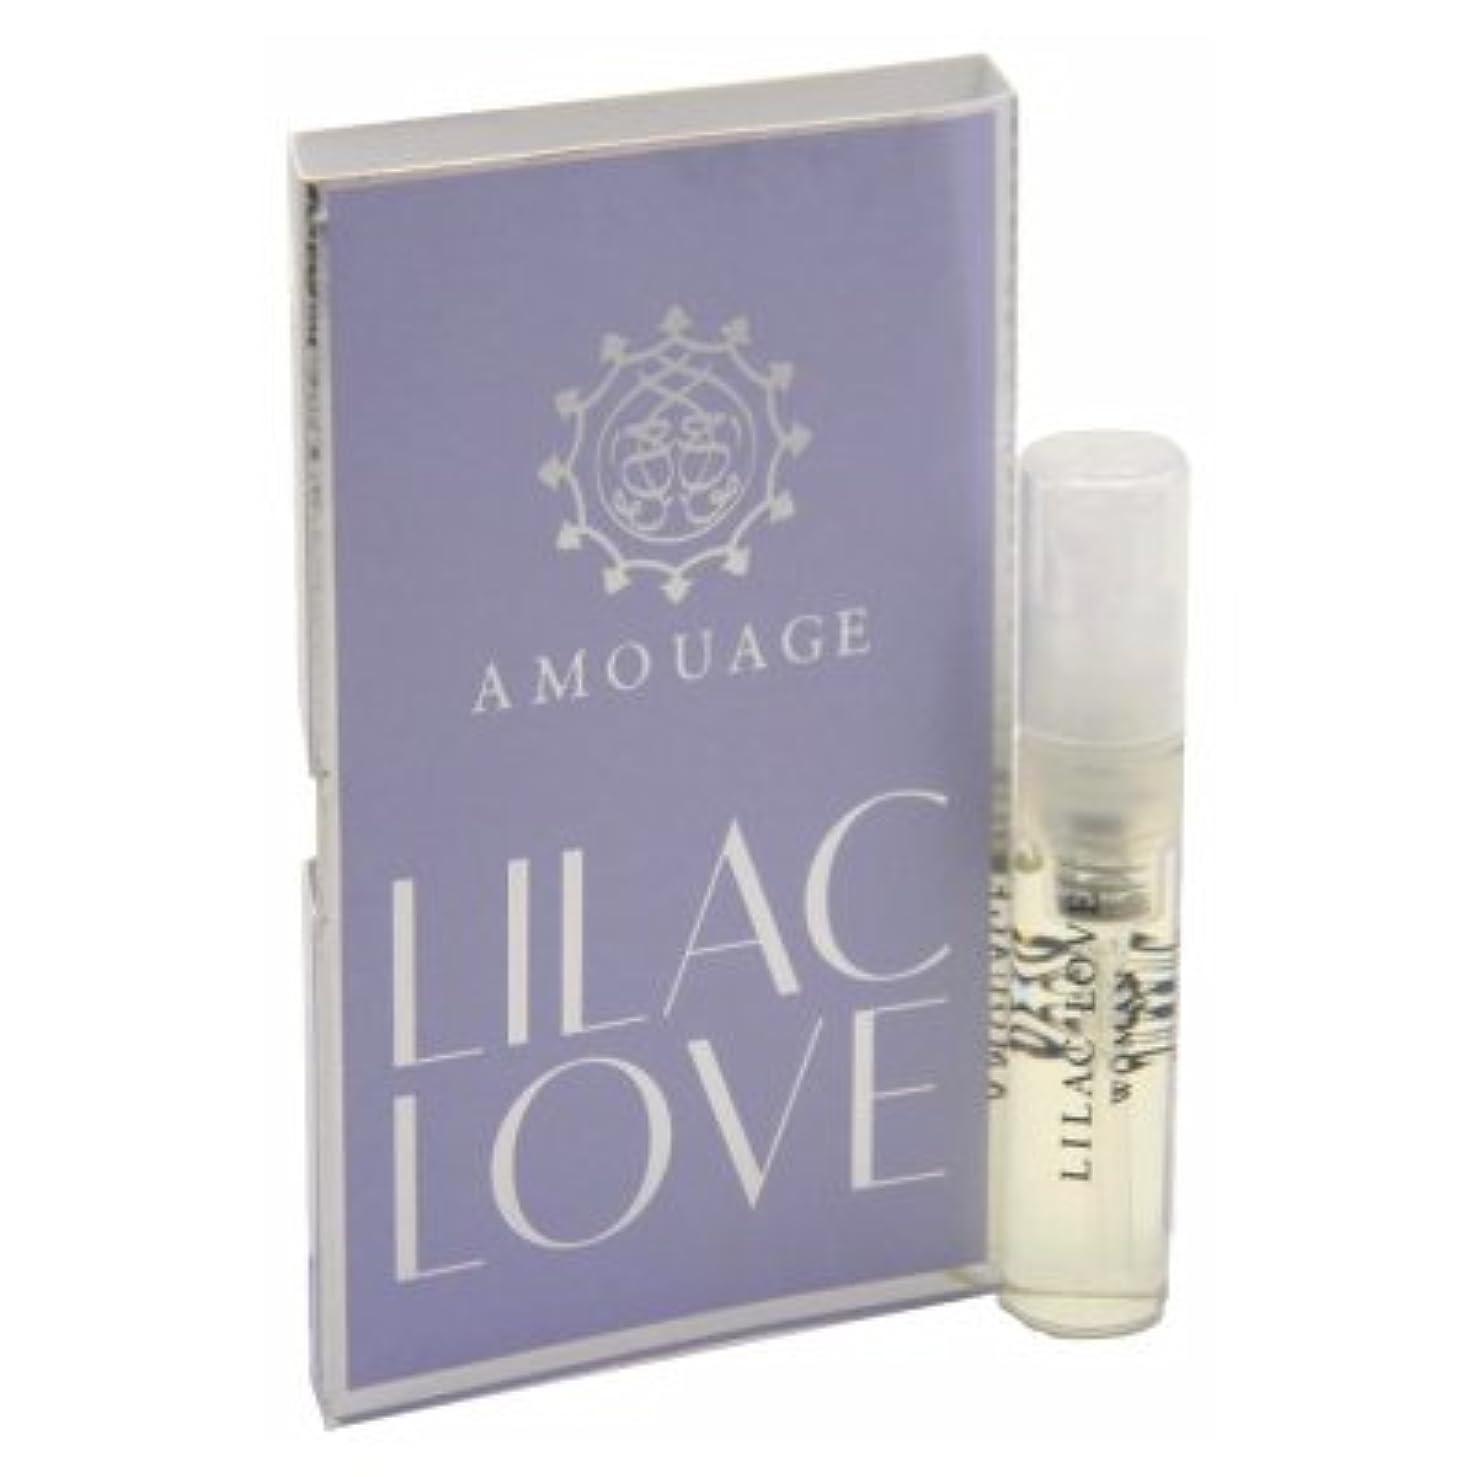 スチュアート島否定する陽気なAmouage Lilac Love EDP Woman Vial Sample 2ml(アムアージュ ライラック ラブ ウーマン オードパルファン 2ml)[海外直送品] [並行輸入品]